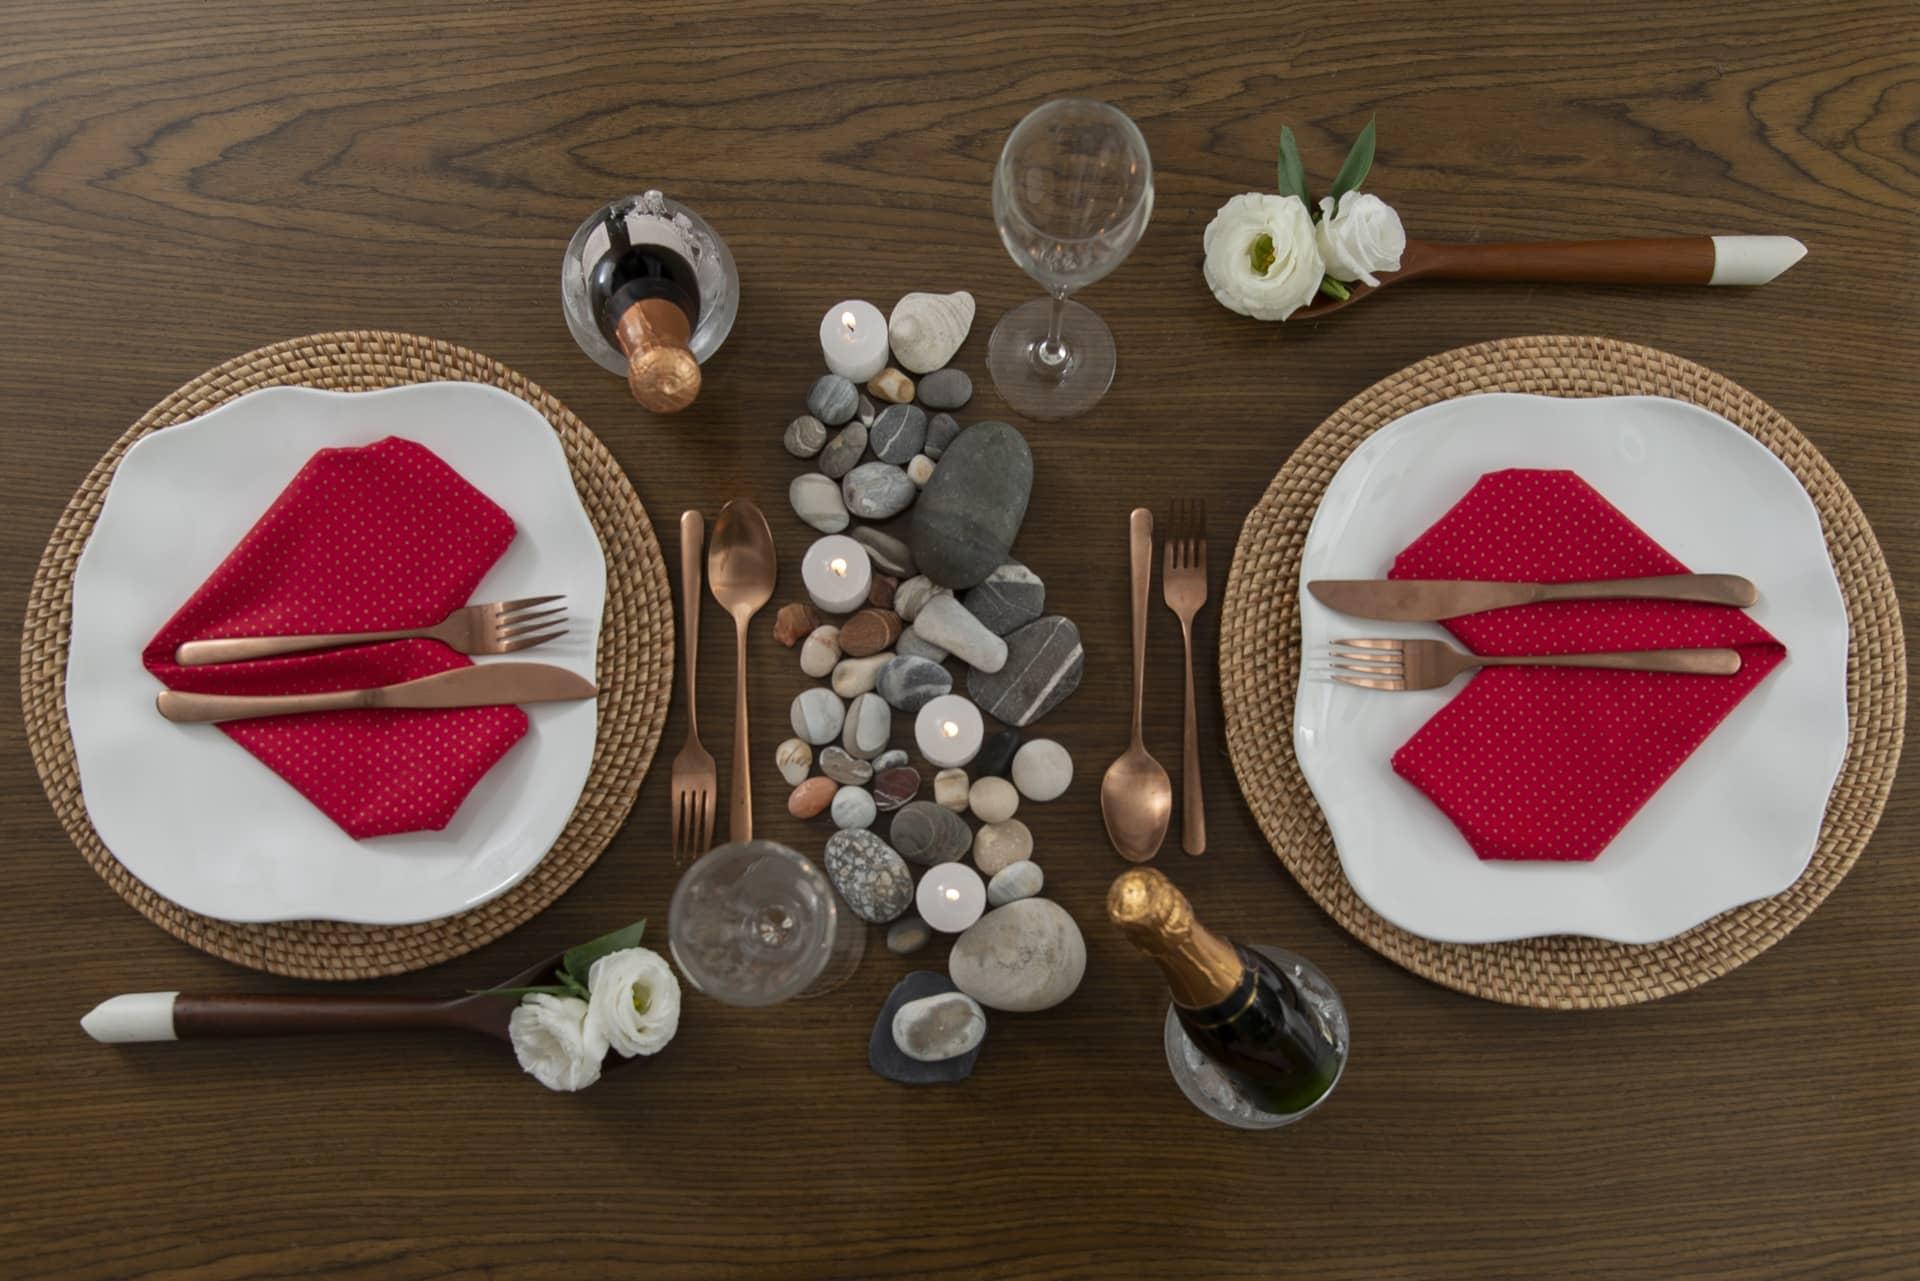 Imagem: Veja no nosso ebook e aqui nesse post como preparar jantares românticos cheios de detalhes carinhosos, que vão encantar o seu par. Produção de Cláudia Pixu com o prato Zen da Oxford. Foto: Cacá Bratke